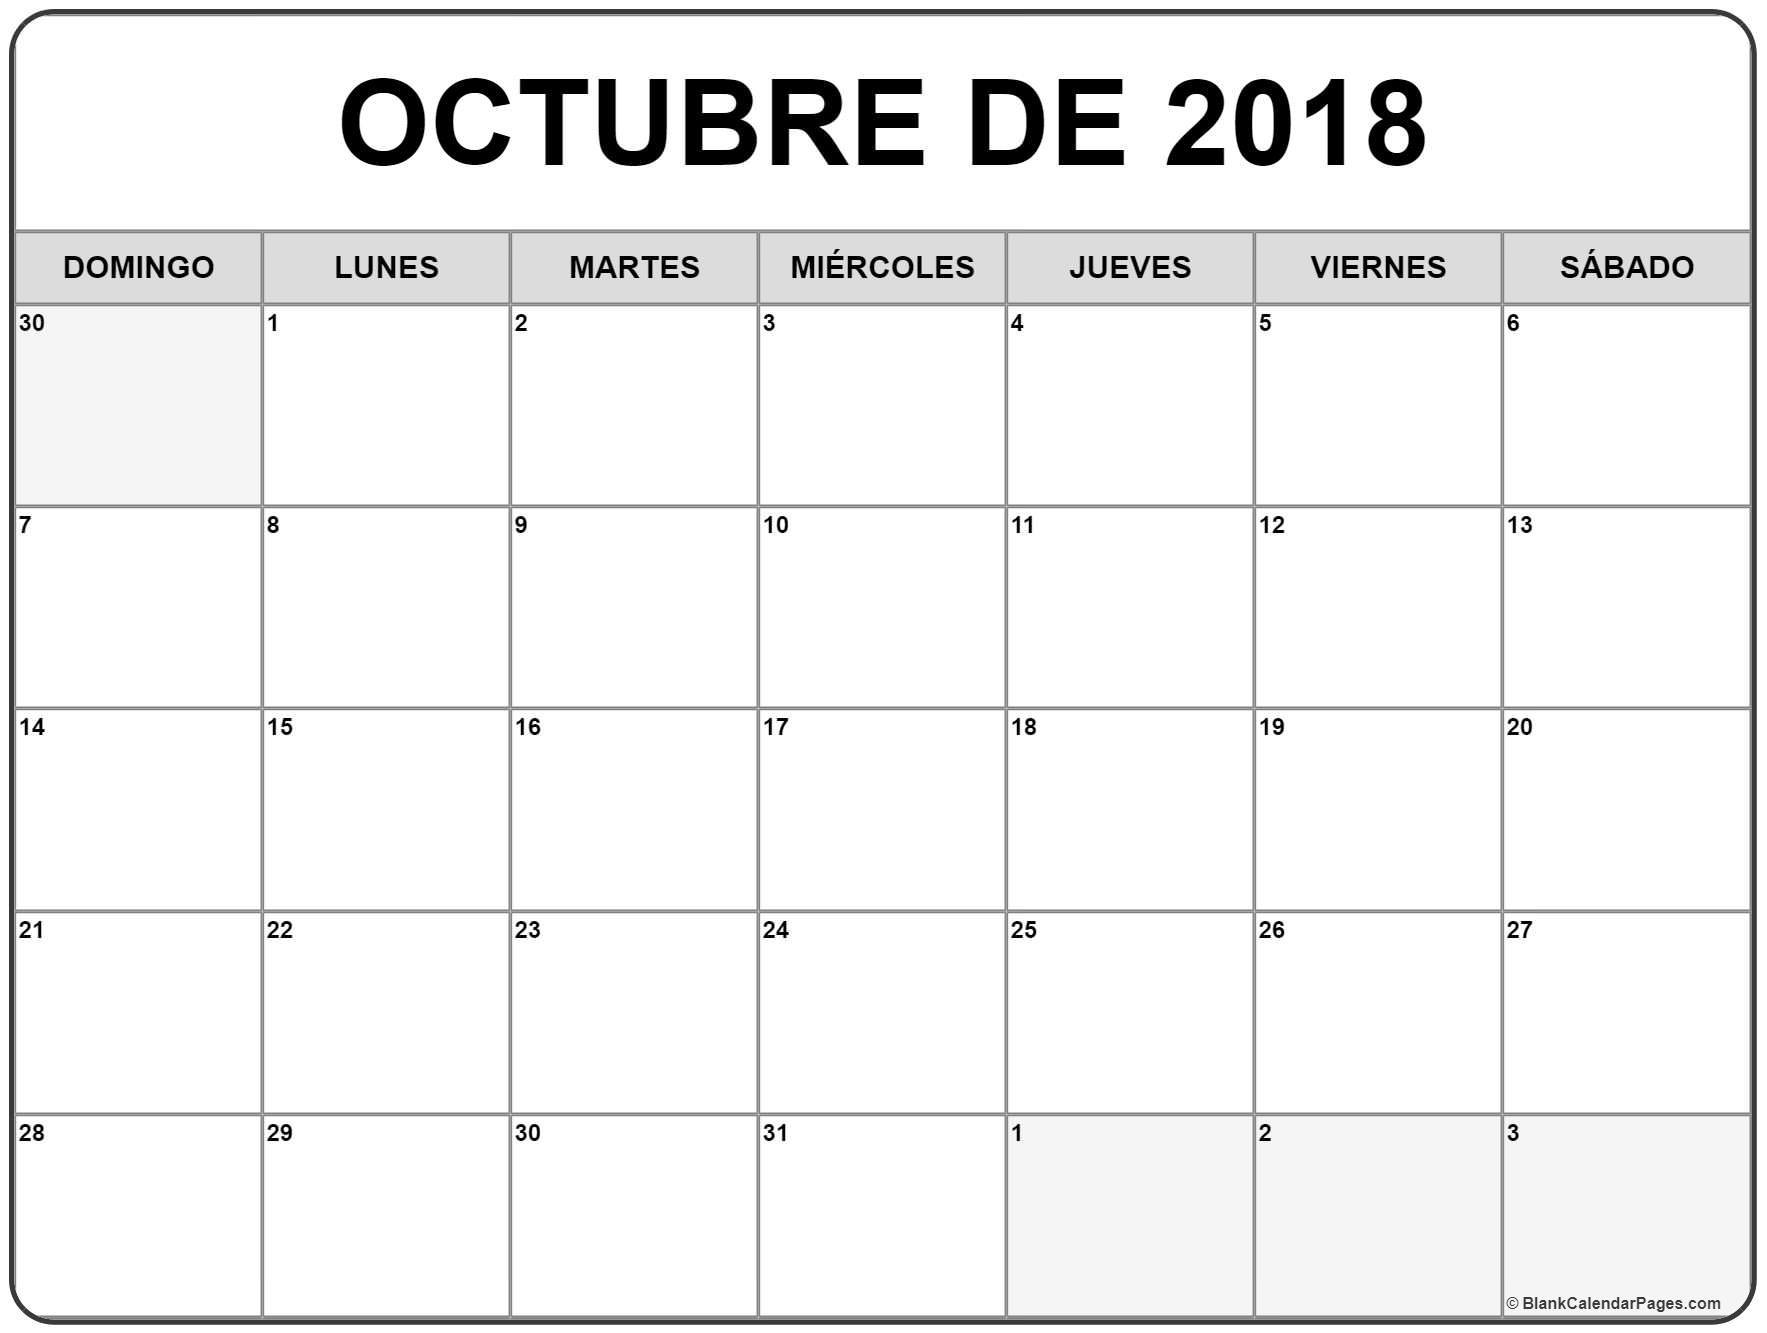 Calendario Juliano 2019  Yatay.horizonconsulting.co regarding Calendario Juliano 2020 Quadax